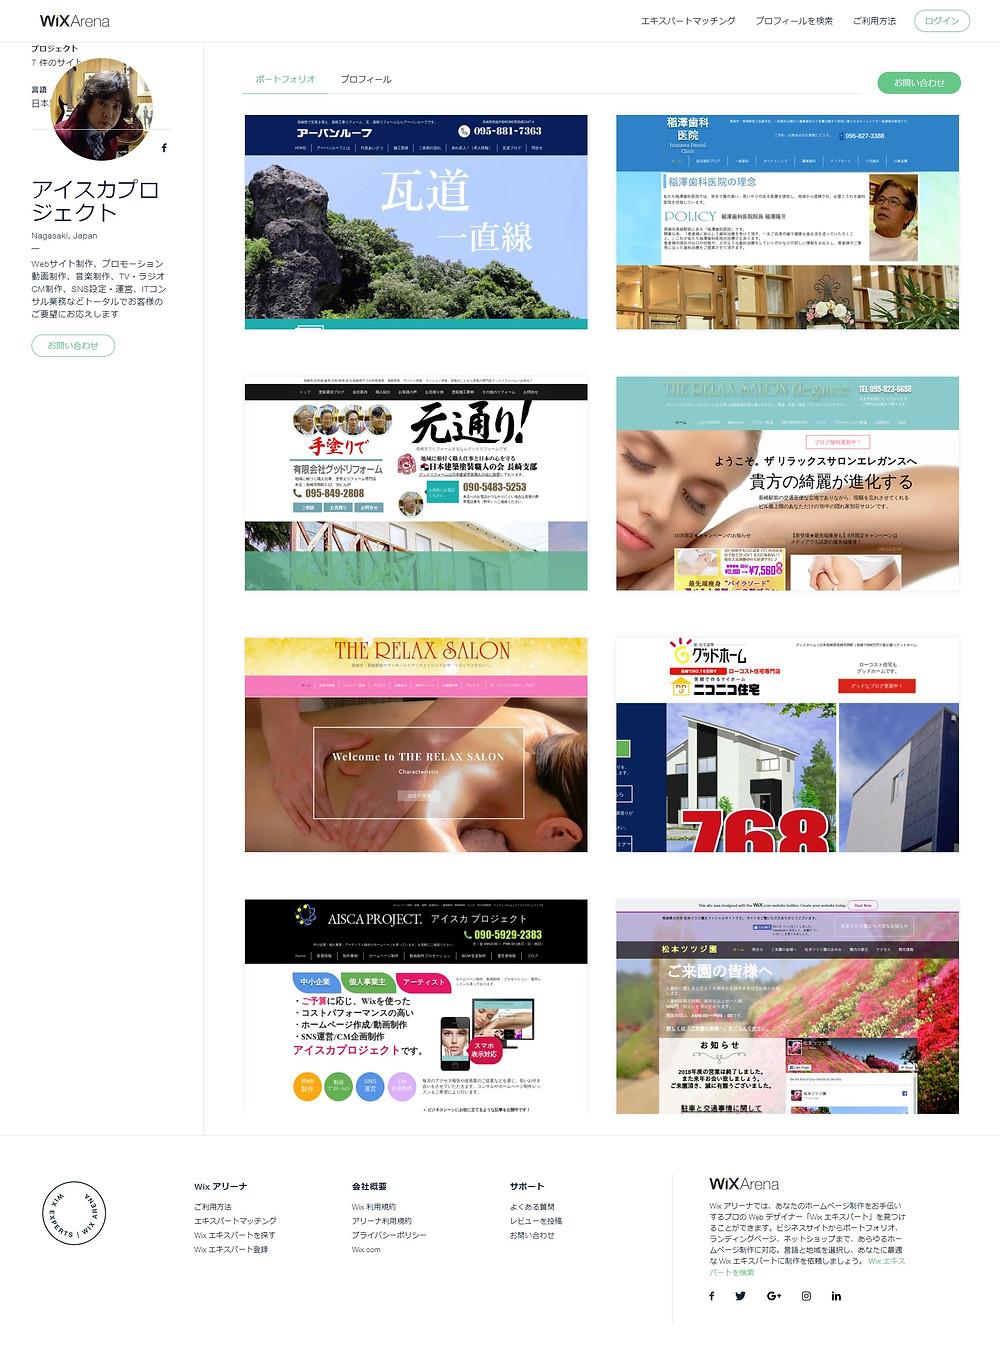 アイスカプロジェクトのホームページ制作事例